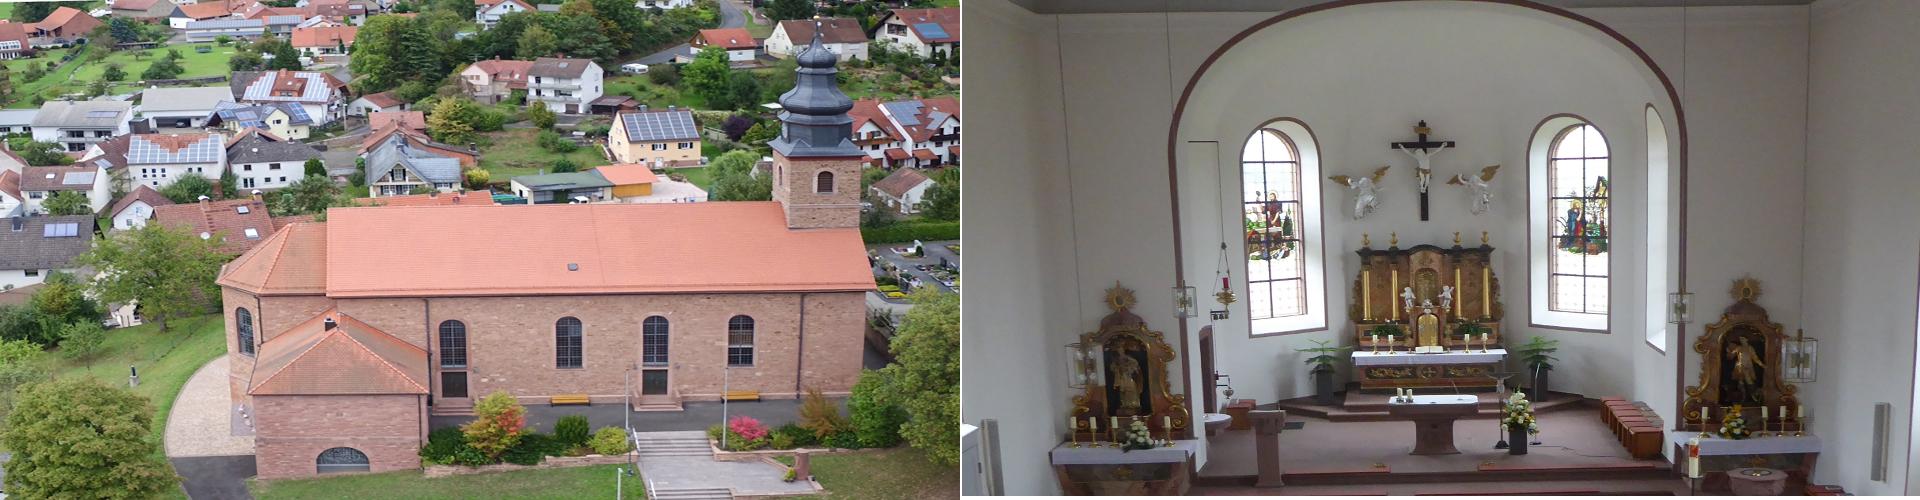 Kirche-Westerngrund-Slider